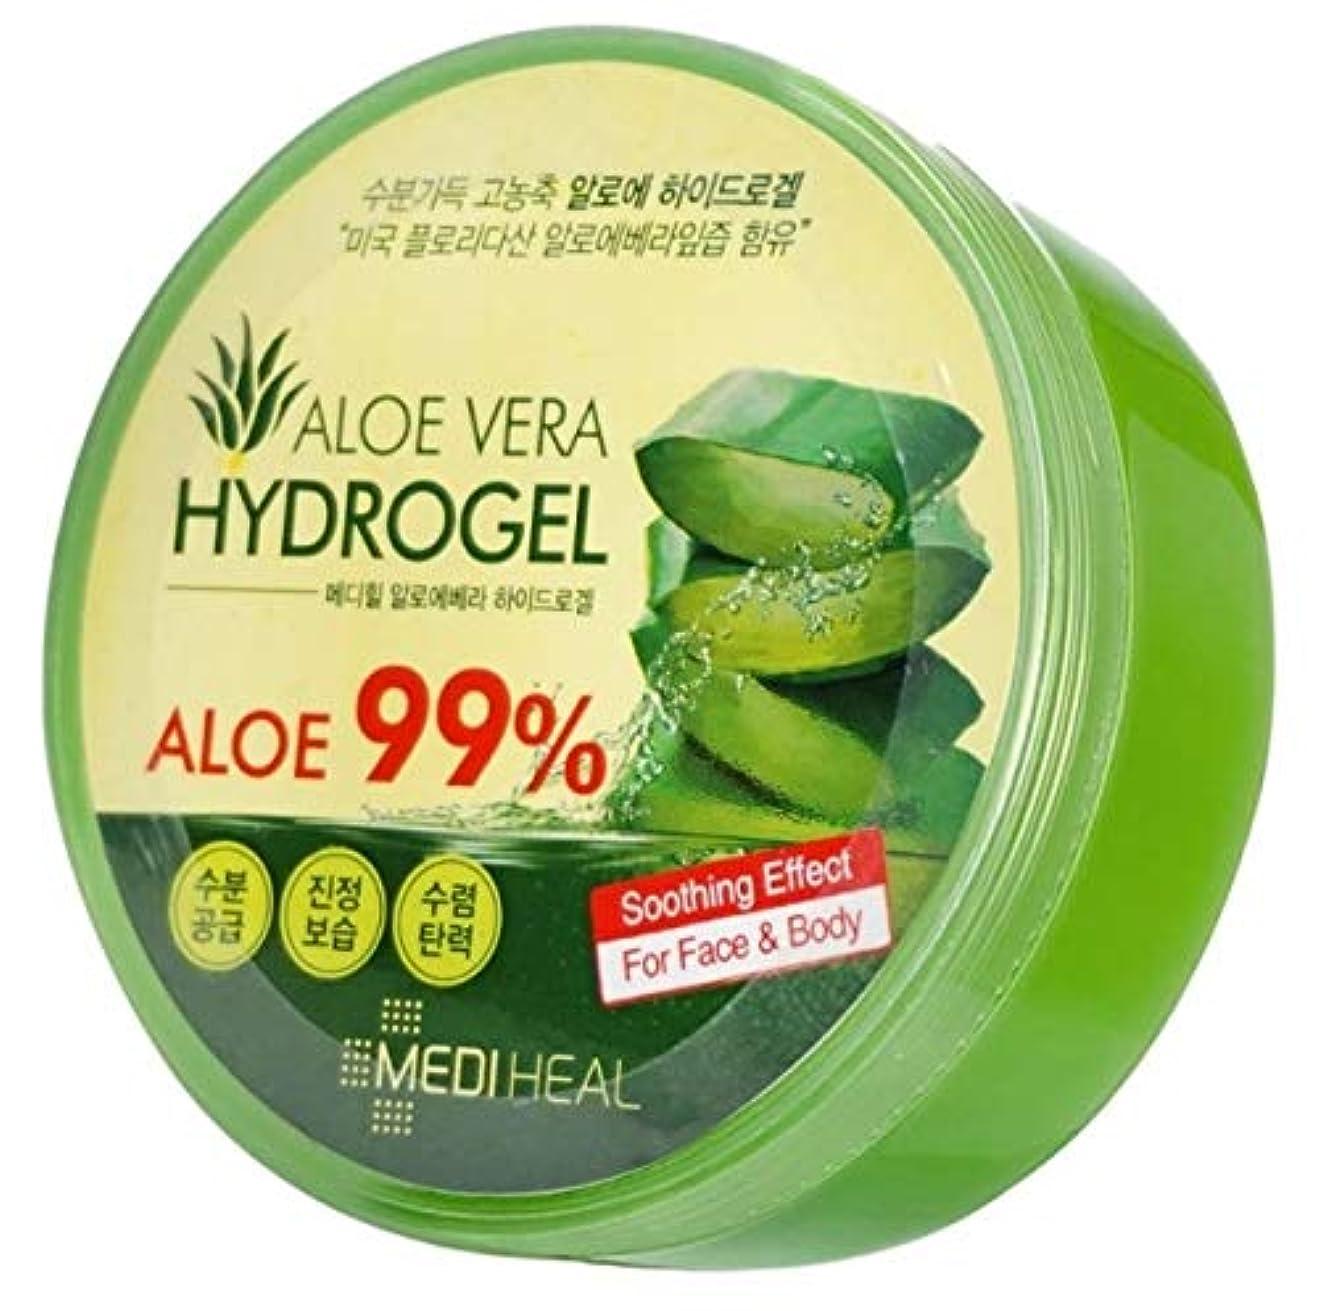 経験者トランペット複製Mediheal メディヒール Skin Soothing なだめるような & Moisture 水分 99% Aloe アロエ Vera Hydro Gels ハイドロゲル